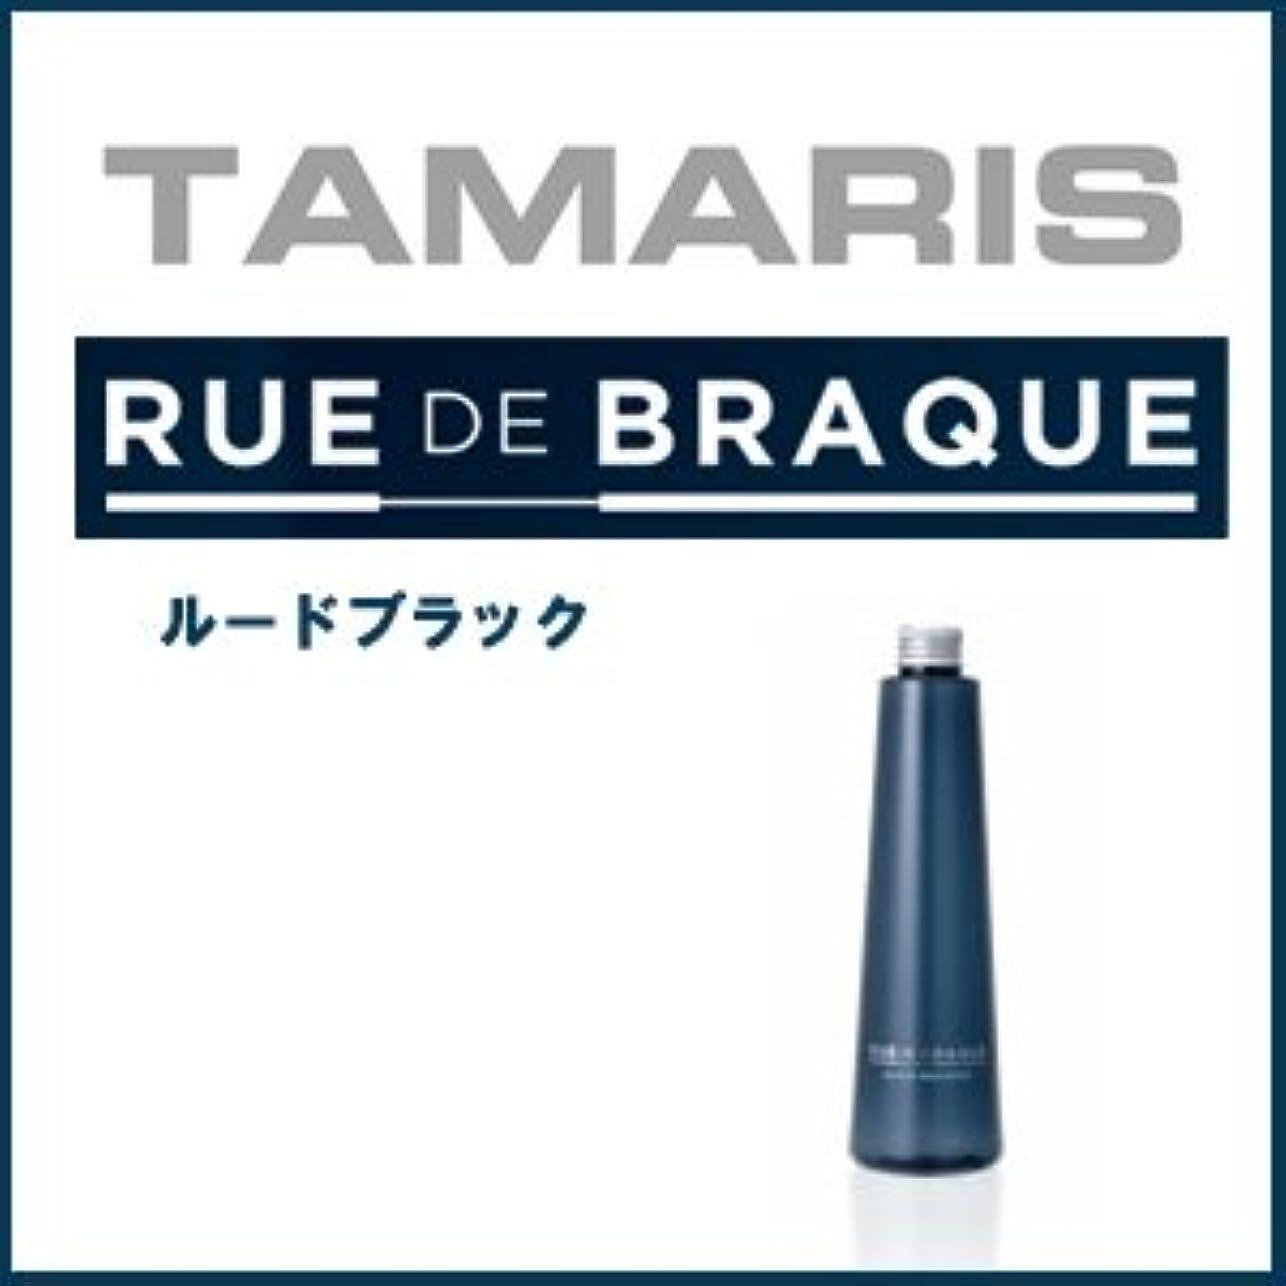 サイレント伝記数【X2個セット】 タマリス ルードブラック スキャルプシャンプー 300ml 容器入り